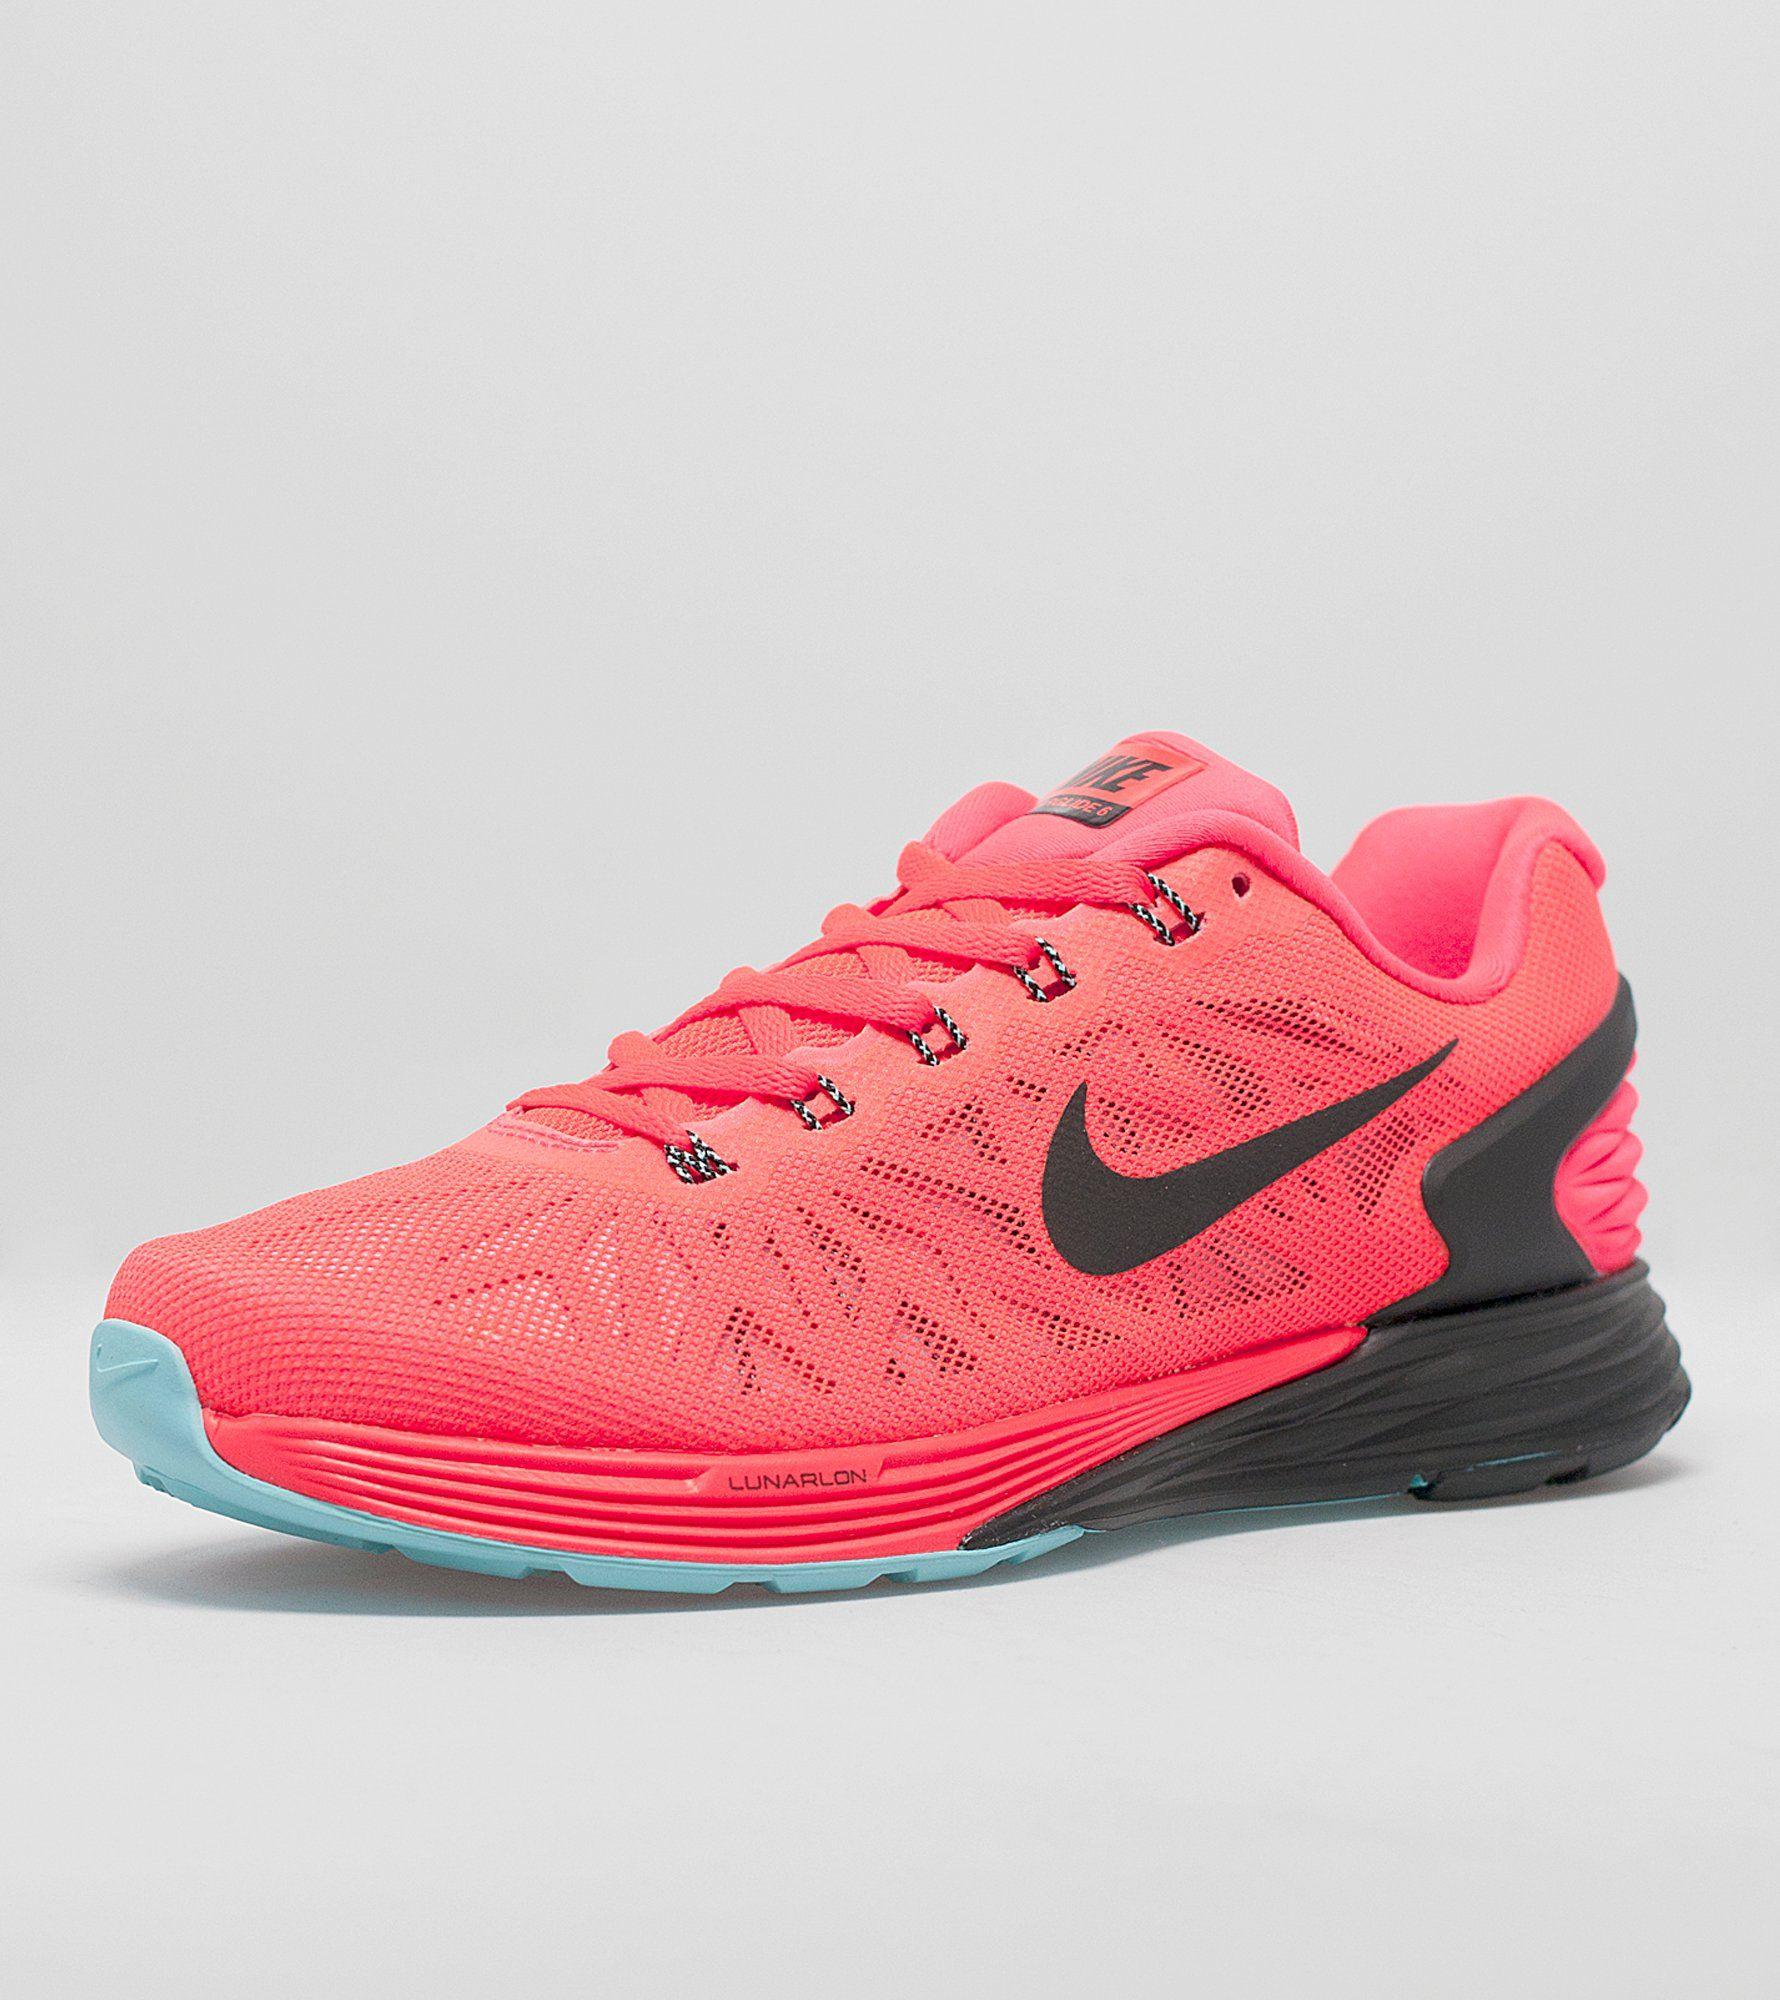 best service d6e85 4251a Nike Lunarglide 6 Women s